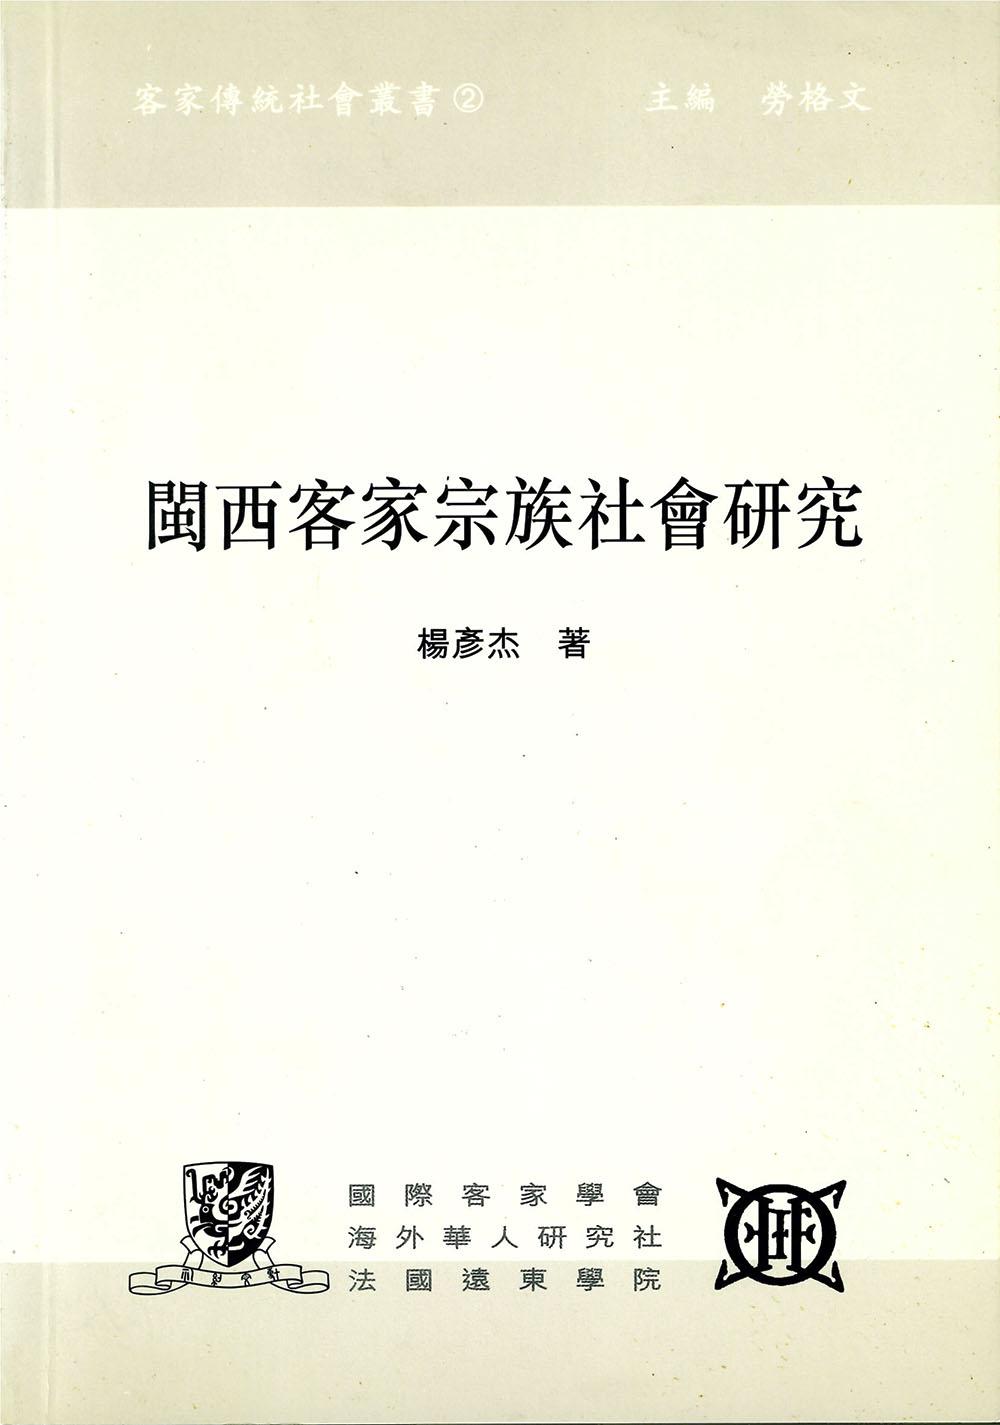 Minxi kejia zongzu shehui yanjiu : Fields Studies of Hakka Lineage Society in Minxi